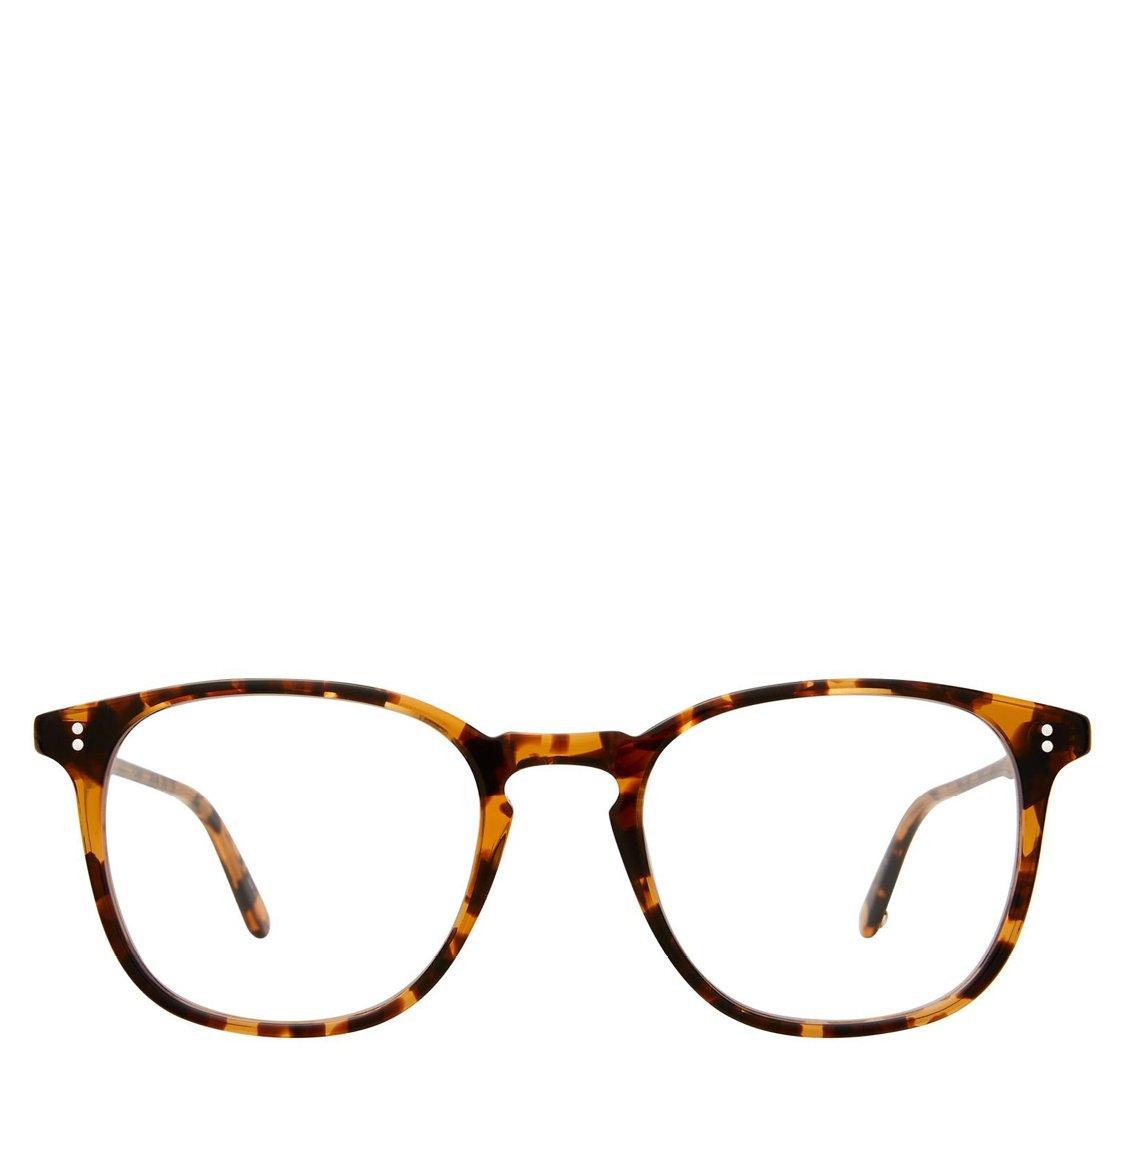 Garrett Leight Squre Tortoise Acetate Γυαλιά Οράσεως